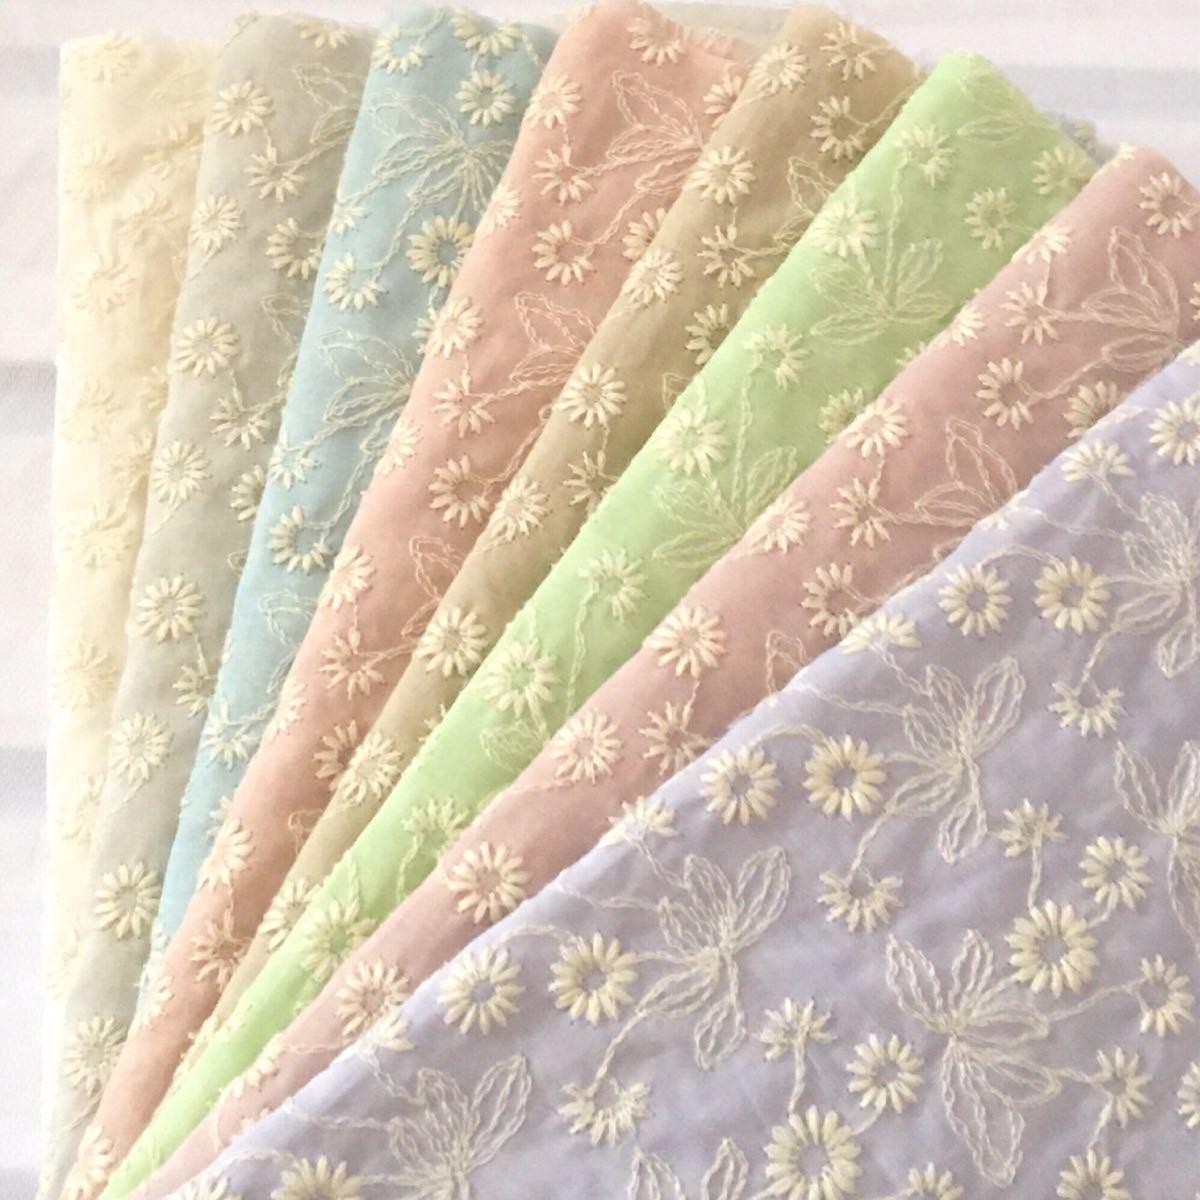 花柄刺繍 コットンレース 刺繍レース 綿レース 刺繍生地 マーガレット ハギレ